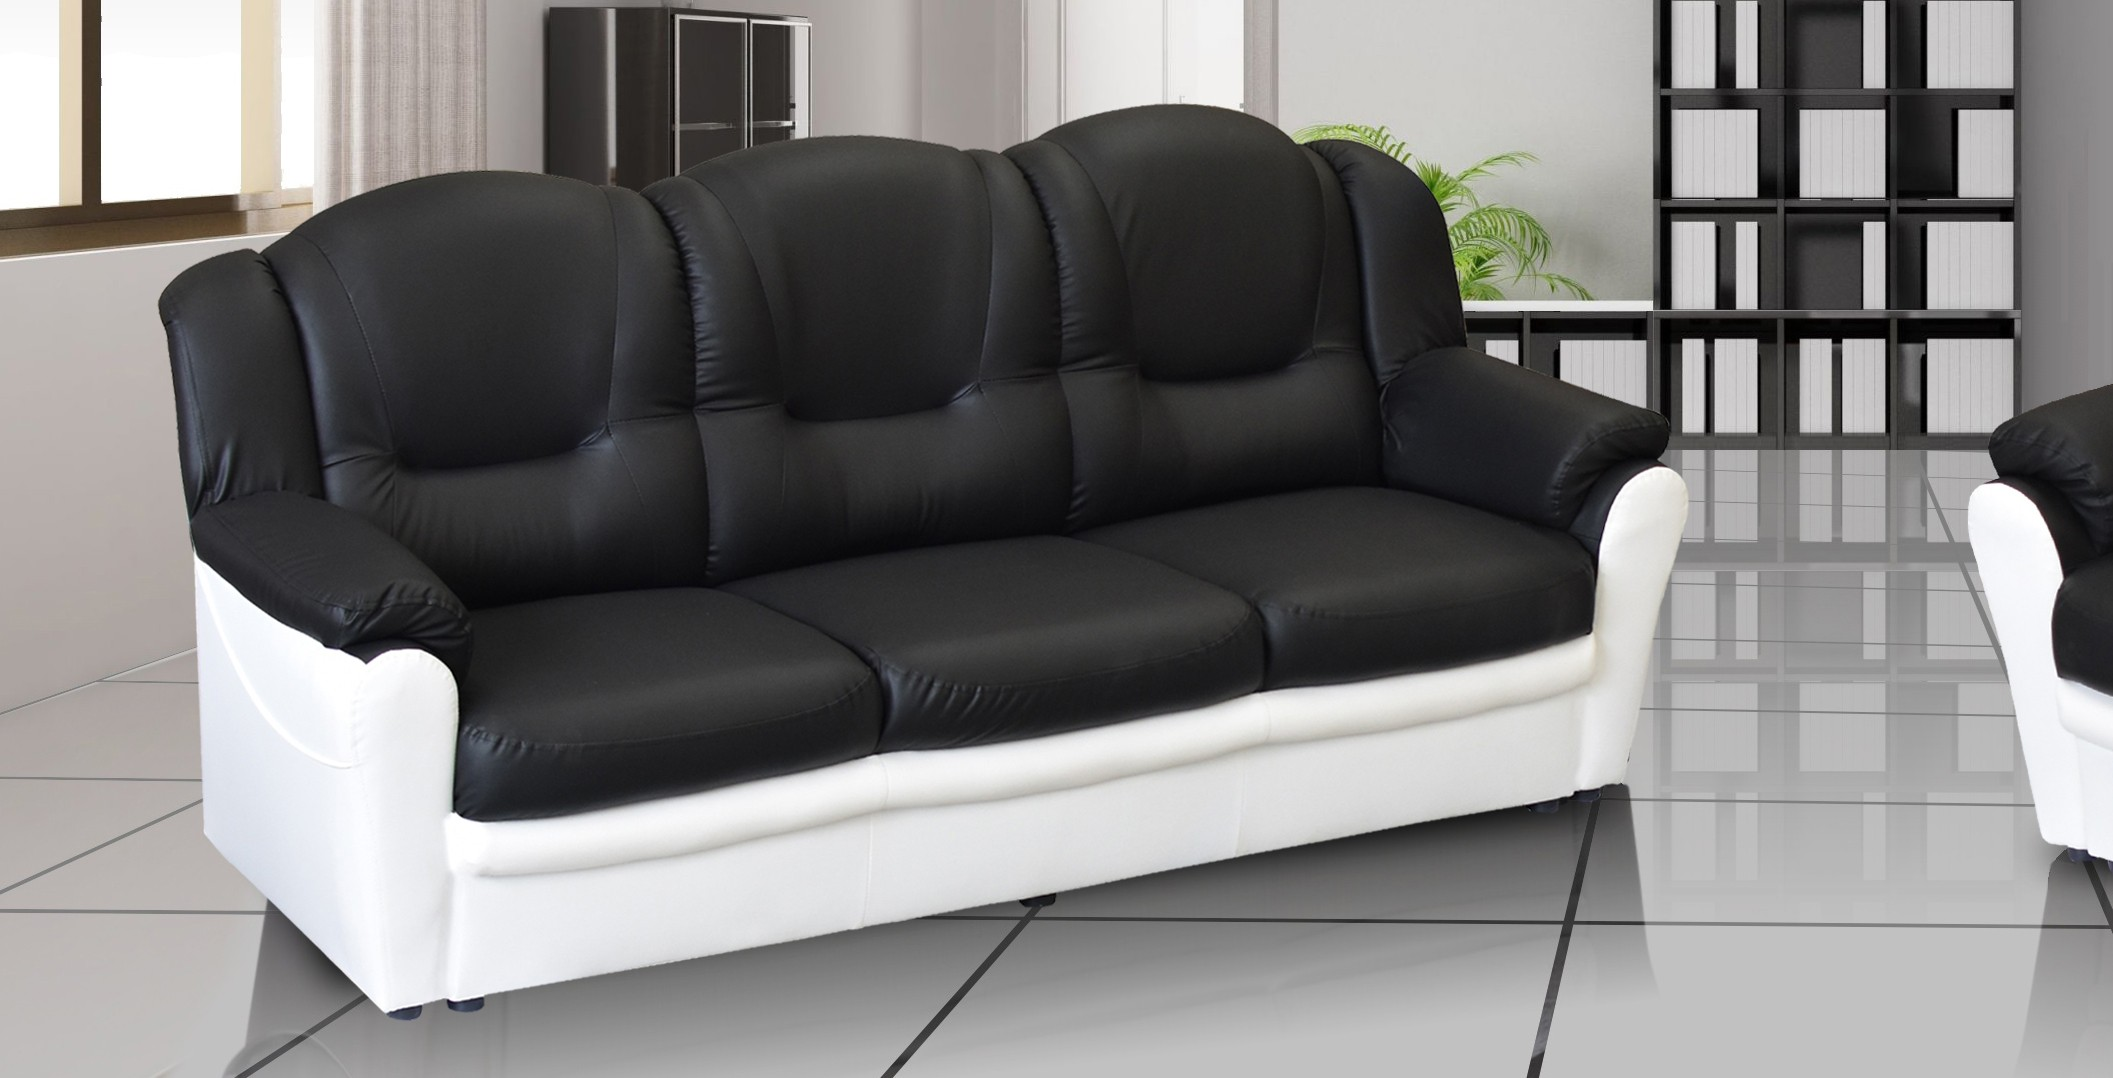 Arizona 3 Seater Sofa Black and White PU